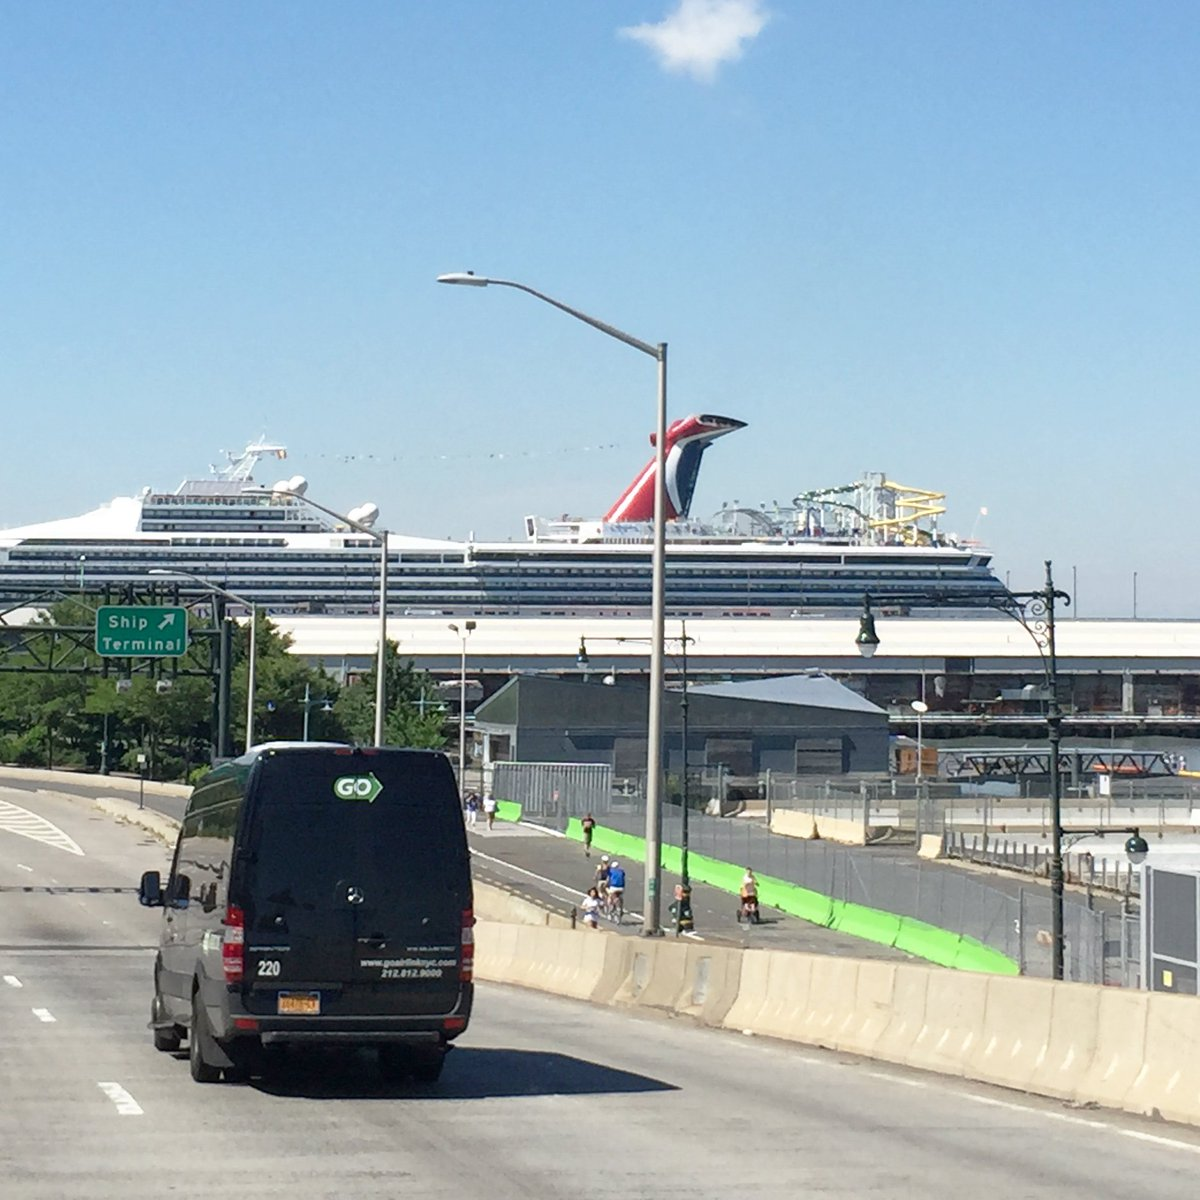 Si vous atterrissez à l'aéroport Newark (New Jersey), vous aurez plusieurs solutions pour effectuer le transfert jusqu'à votre logement: le taxi jaune, le taxi privé, le shuttle (navette partagée), le train, le bus ou encore la limousine.